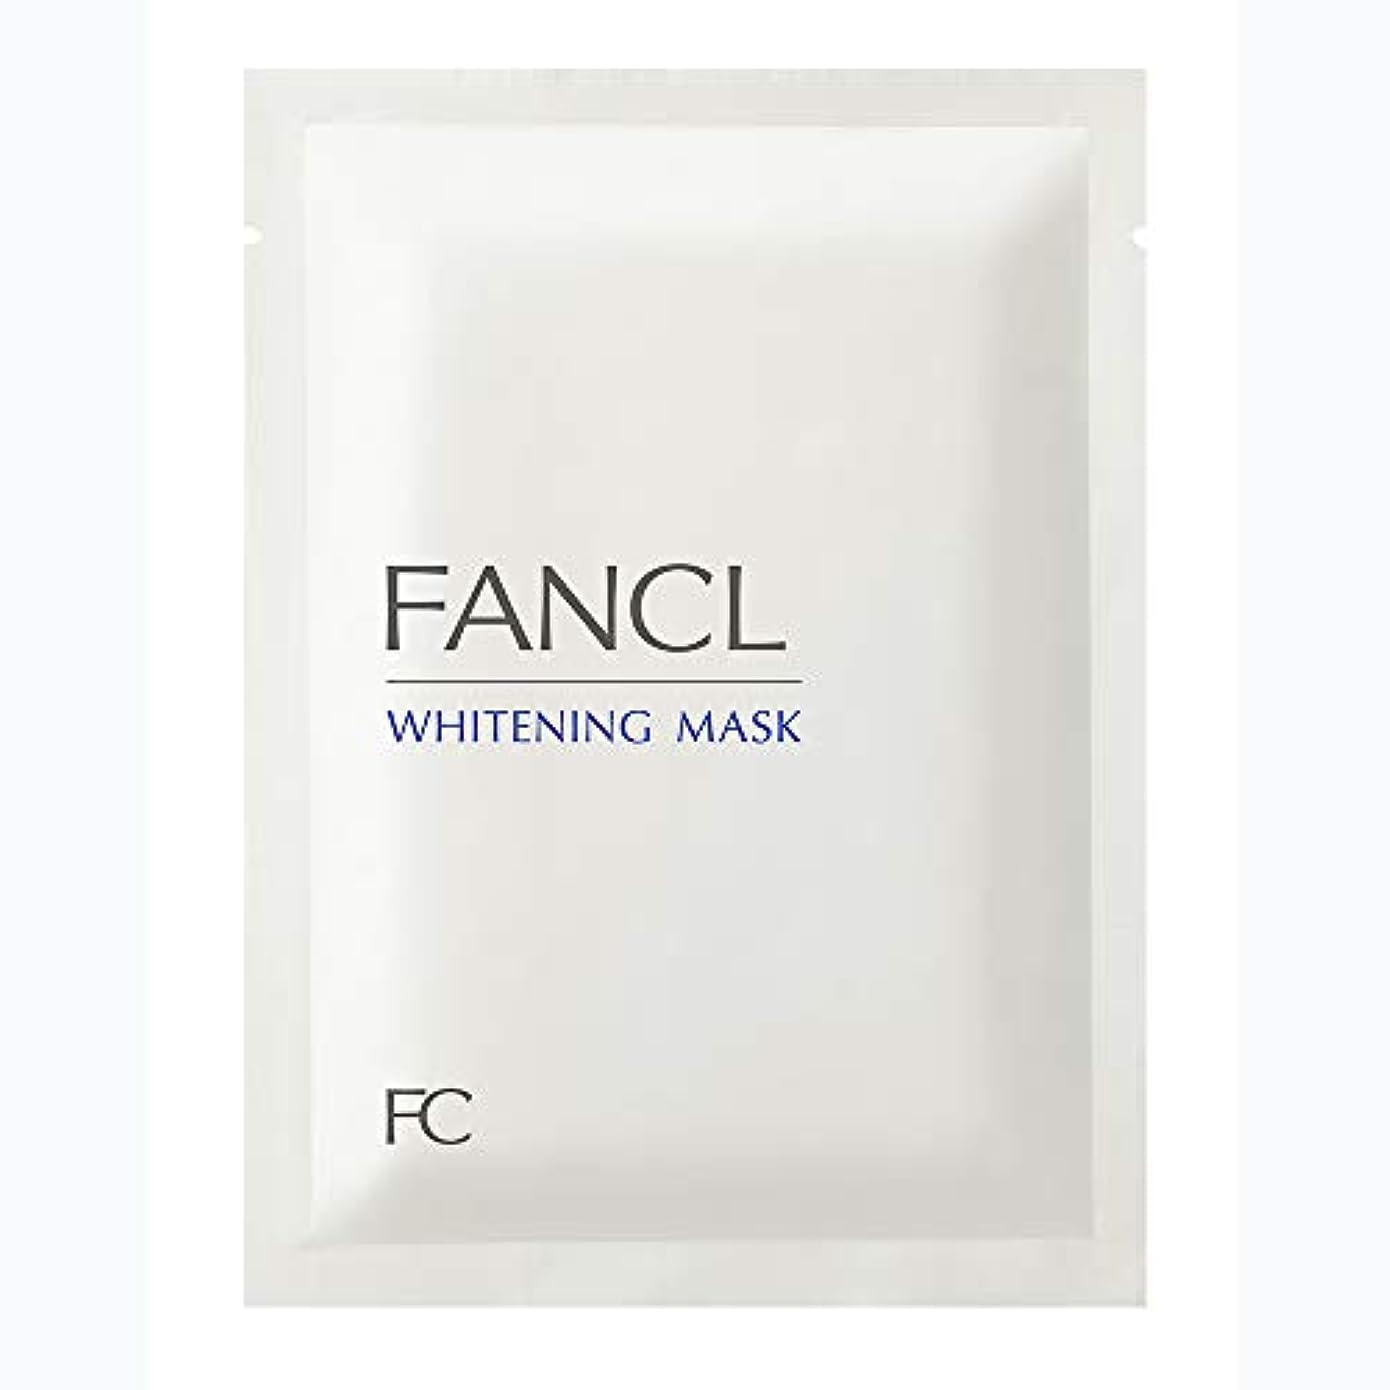 お動脈ミンチ新ファンケル(FANCL) ホワイトニング マスク<医薬部外品> 21mL×6枚